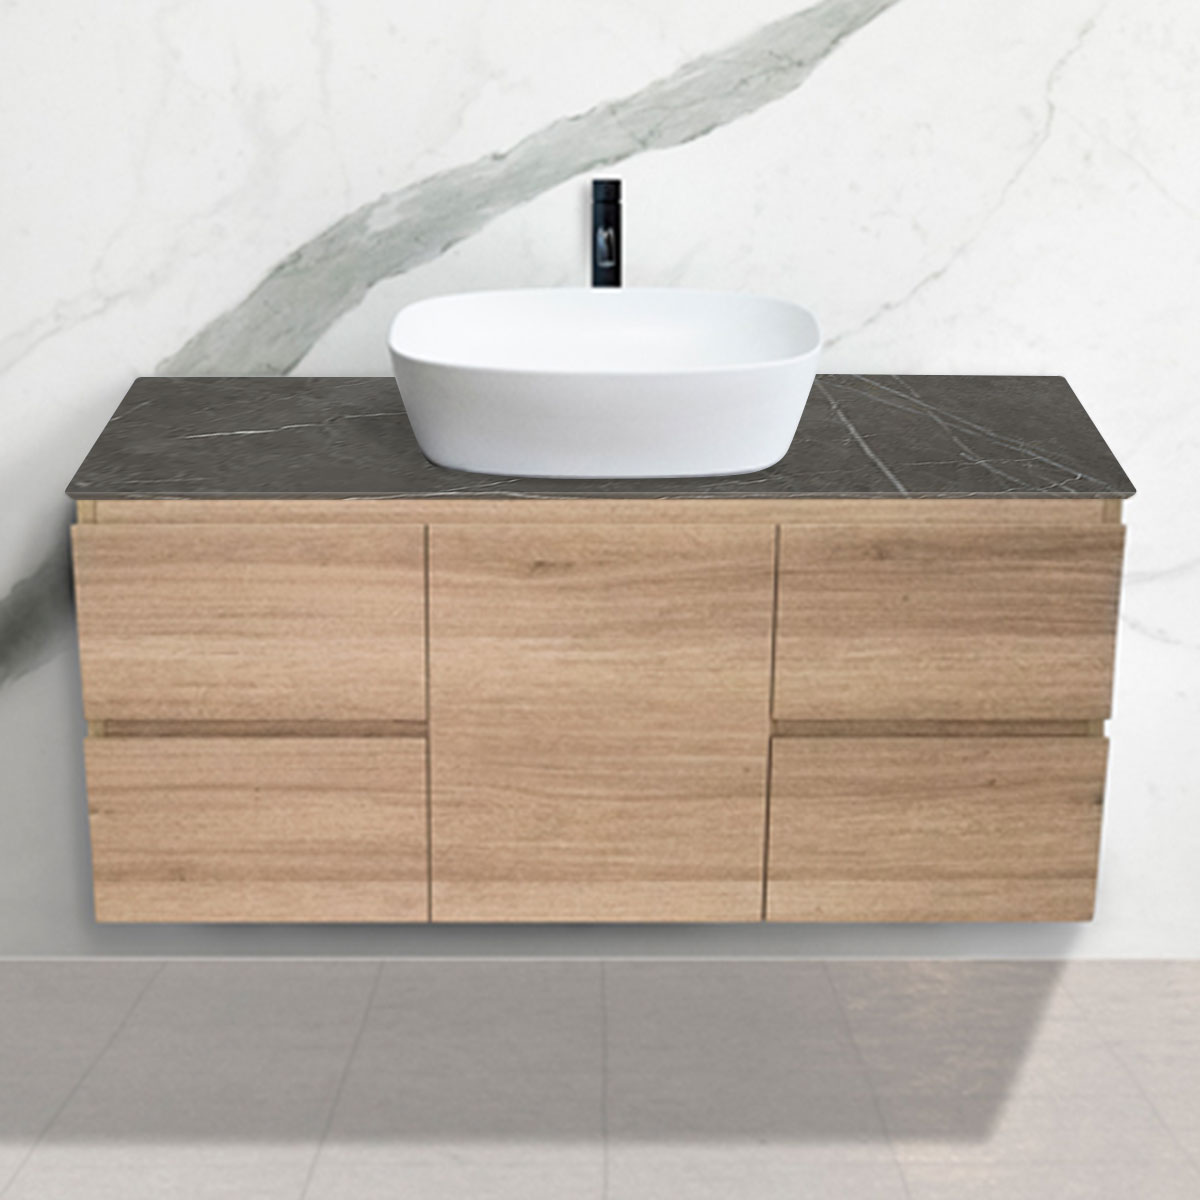 Oak Woodgrain Cabinet - Vanity- 1 Door + 4 Drawers - Pietra Grigia - Stone3 Brisbane